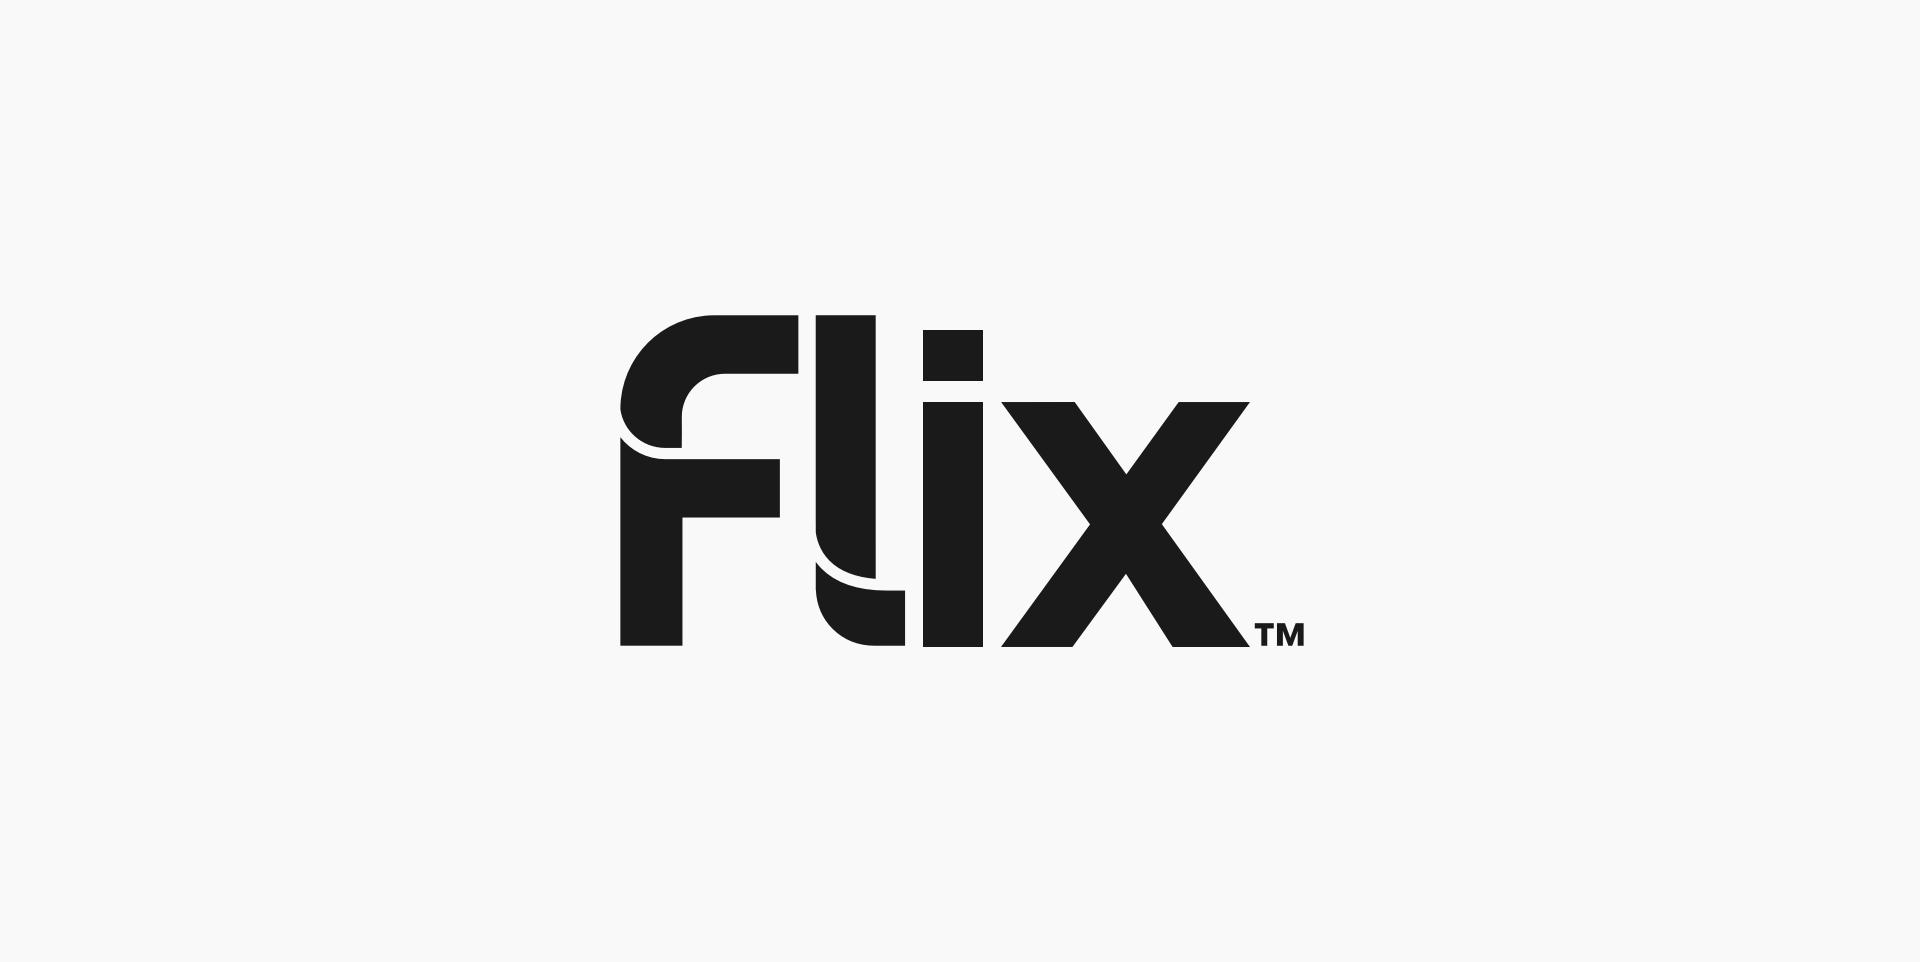 flix_logo02